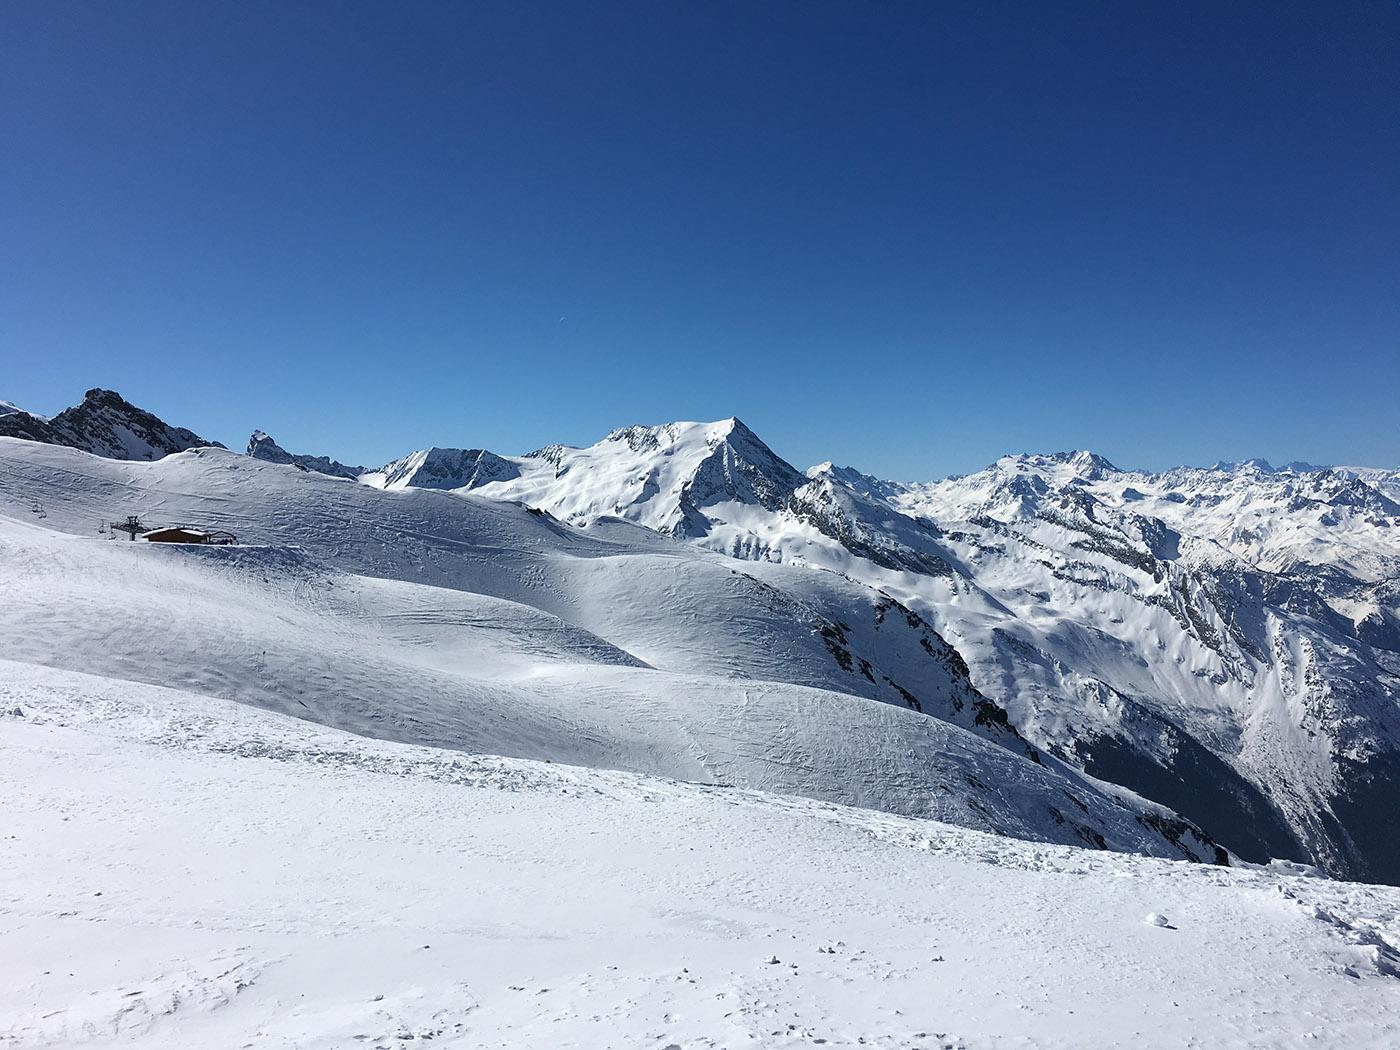 vue sur des pistes de ski et sa chaîne de montagnes accessibles avec un forfait de ski paradiski